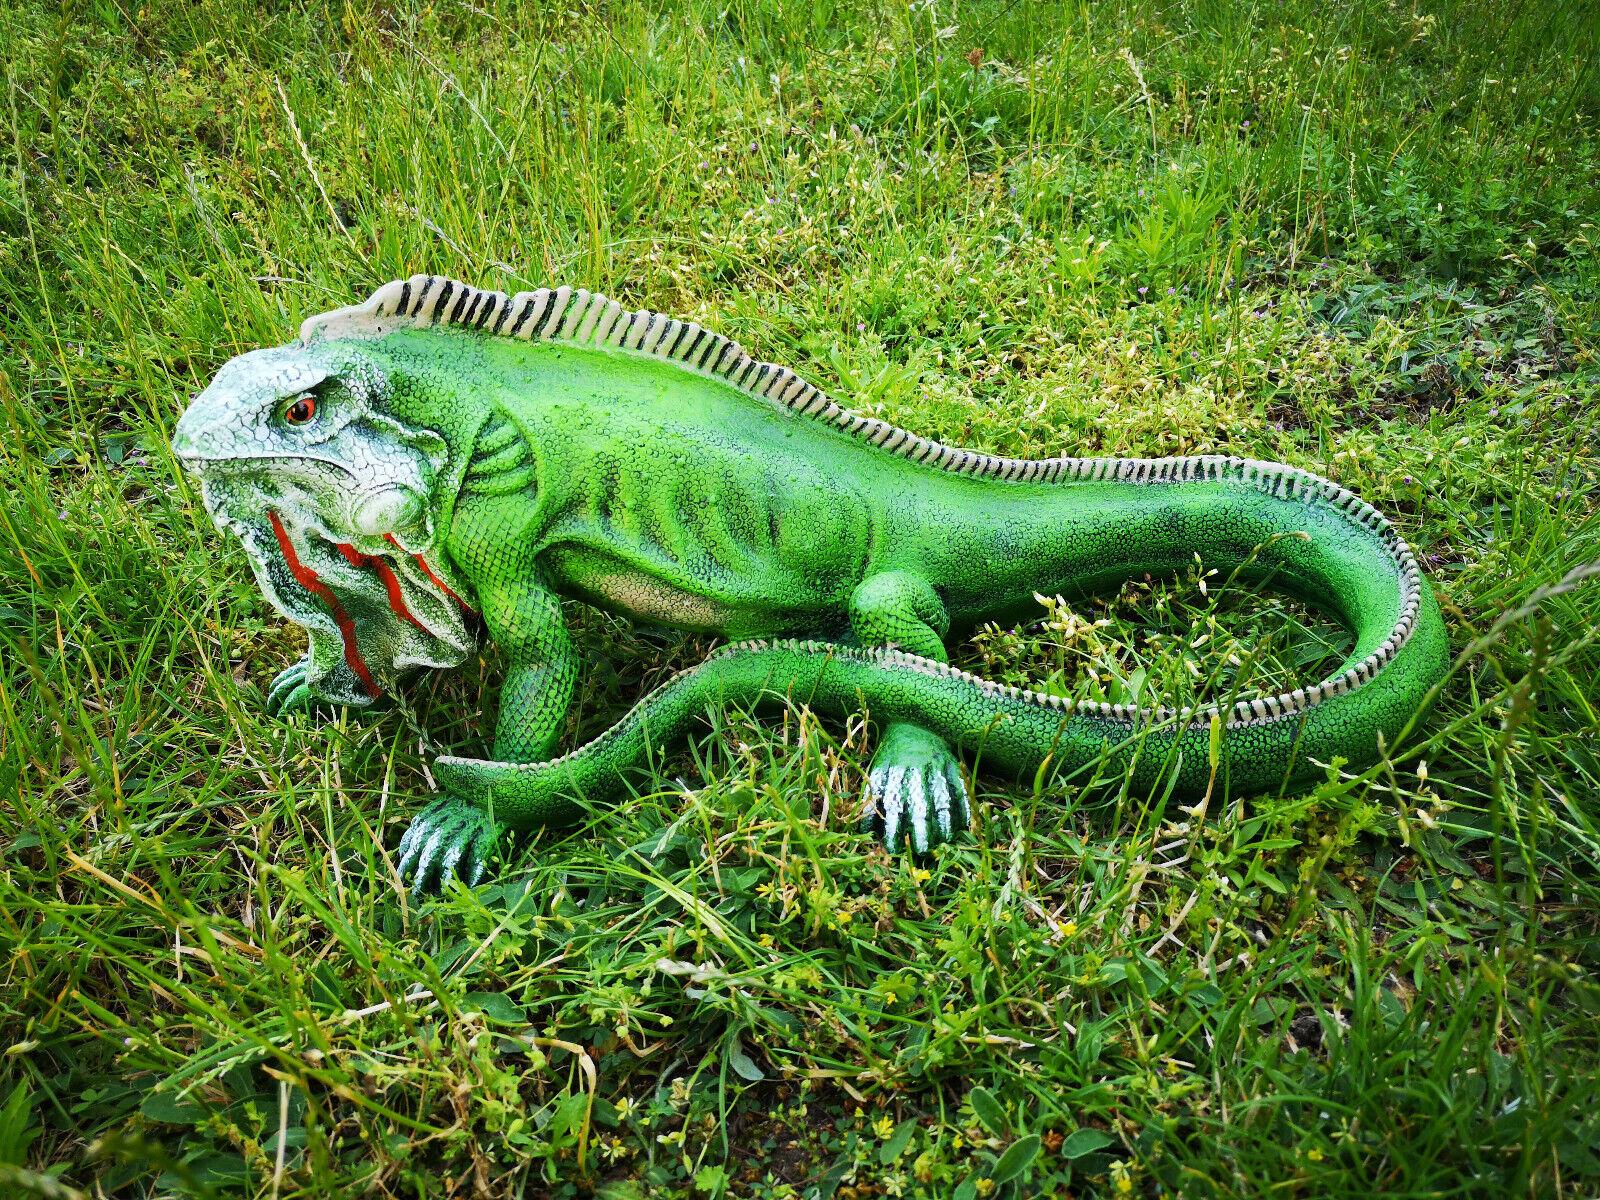 Personaje de jardín jardín dekofigur-DEKO iguana camaleón lagarto 45cm 3374